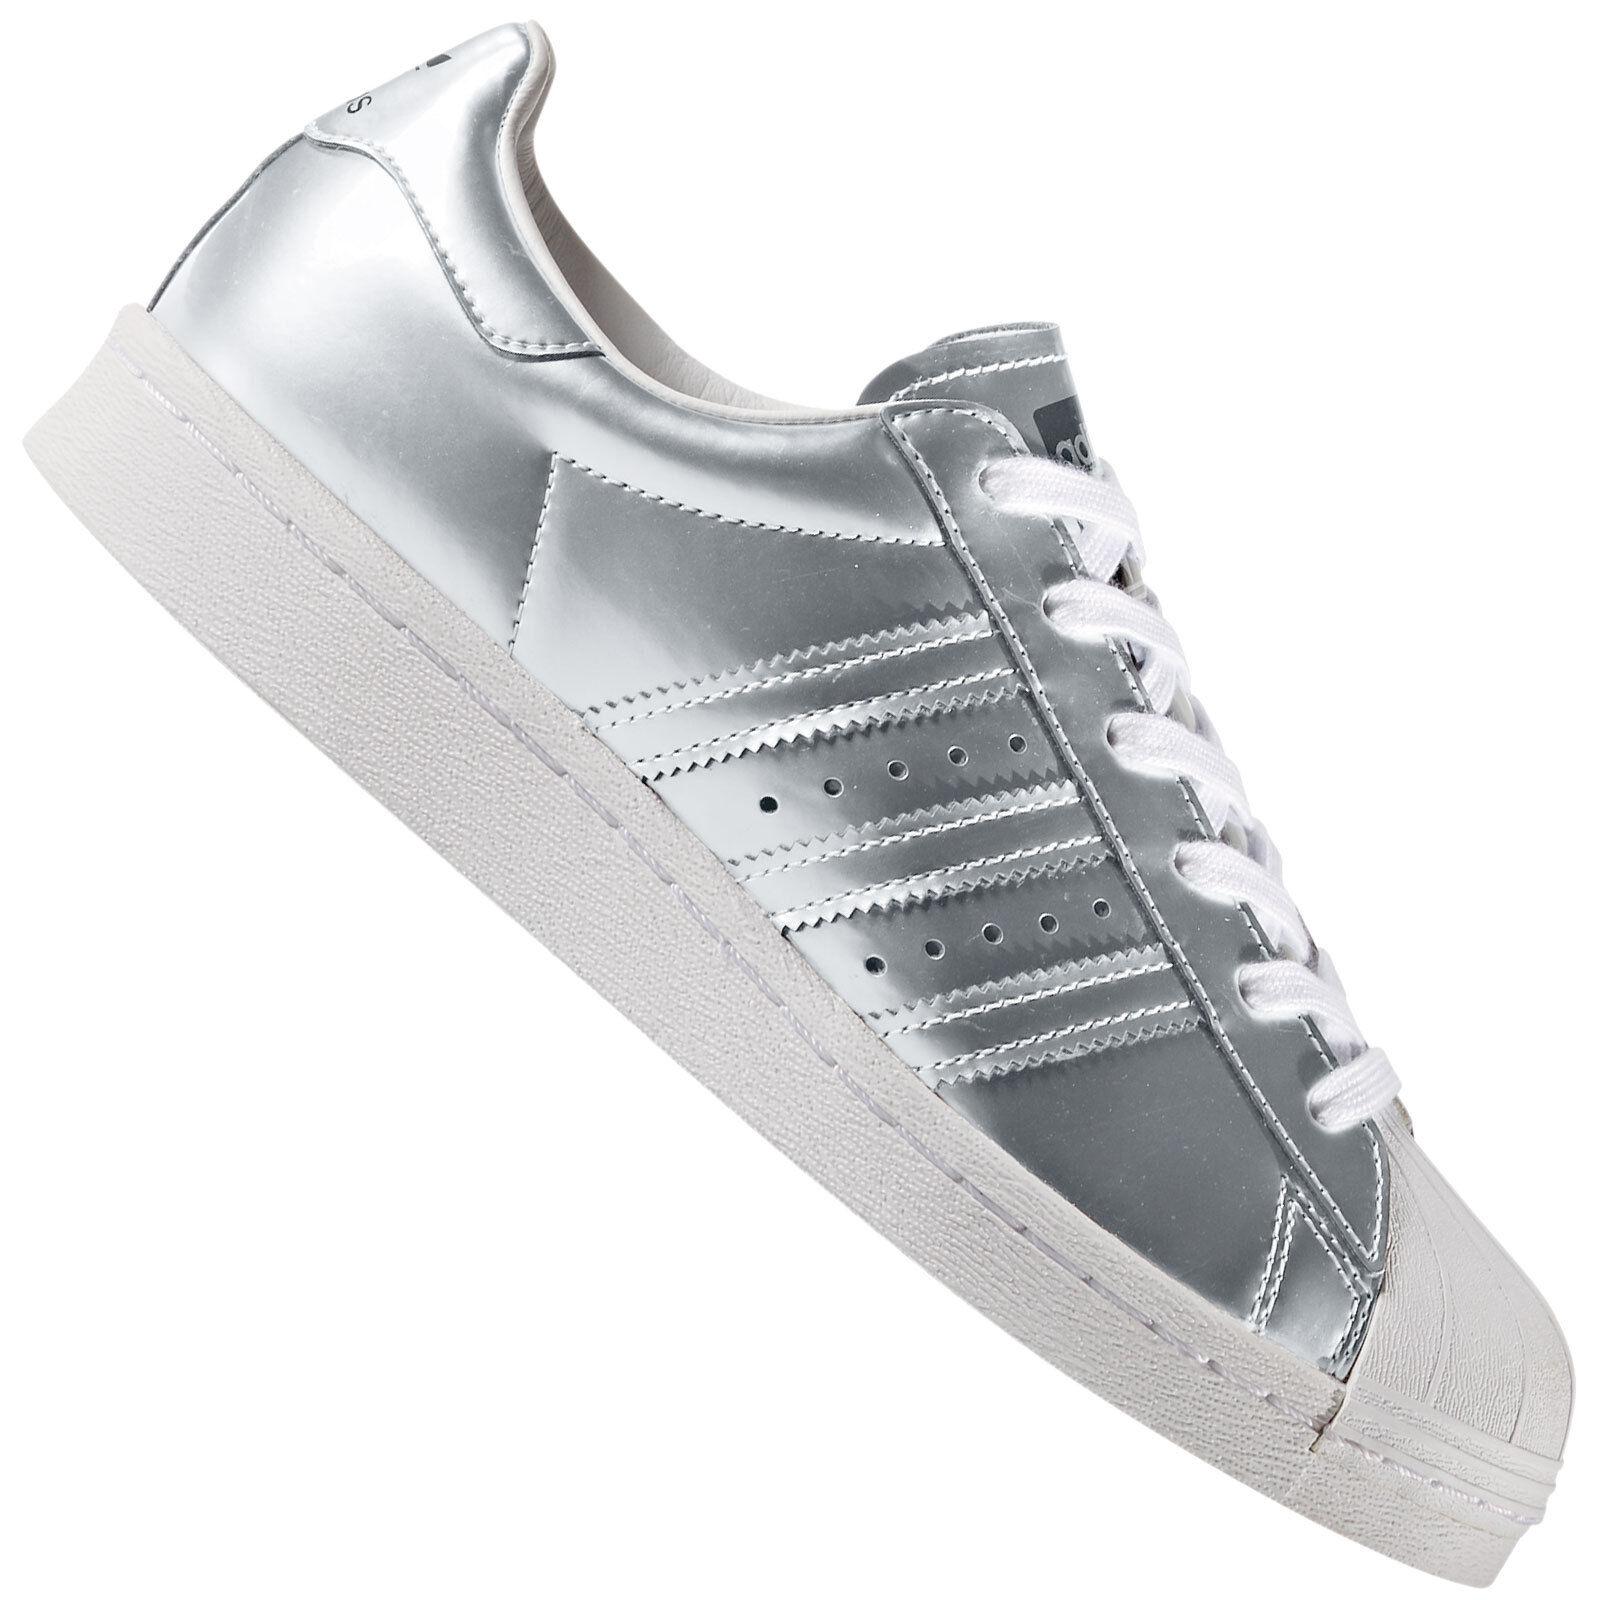 adidas Originals Superstar Boost Damen-Sneaker NEU Turnschuhe Sportschuhe Schuhe NEU Damen-Sneaker 2322e9